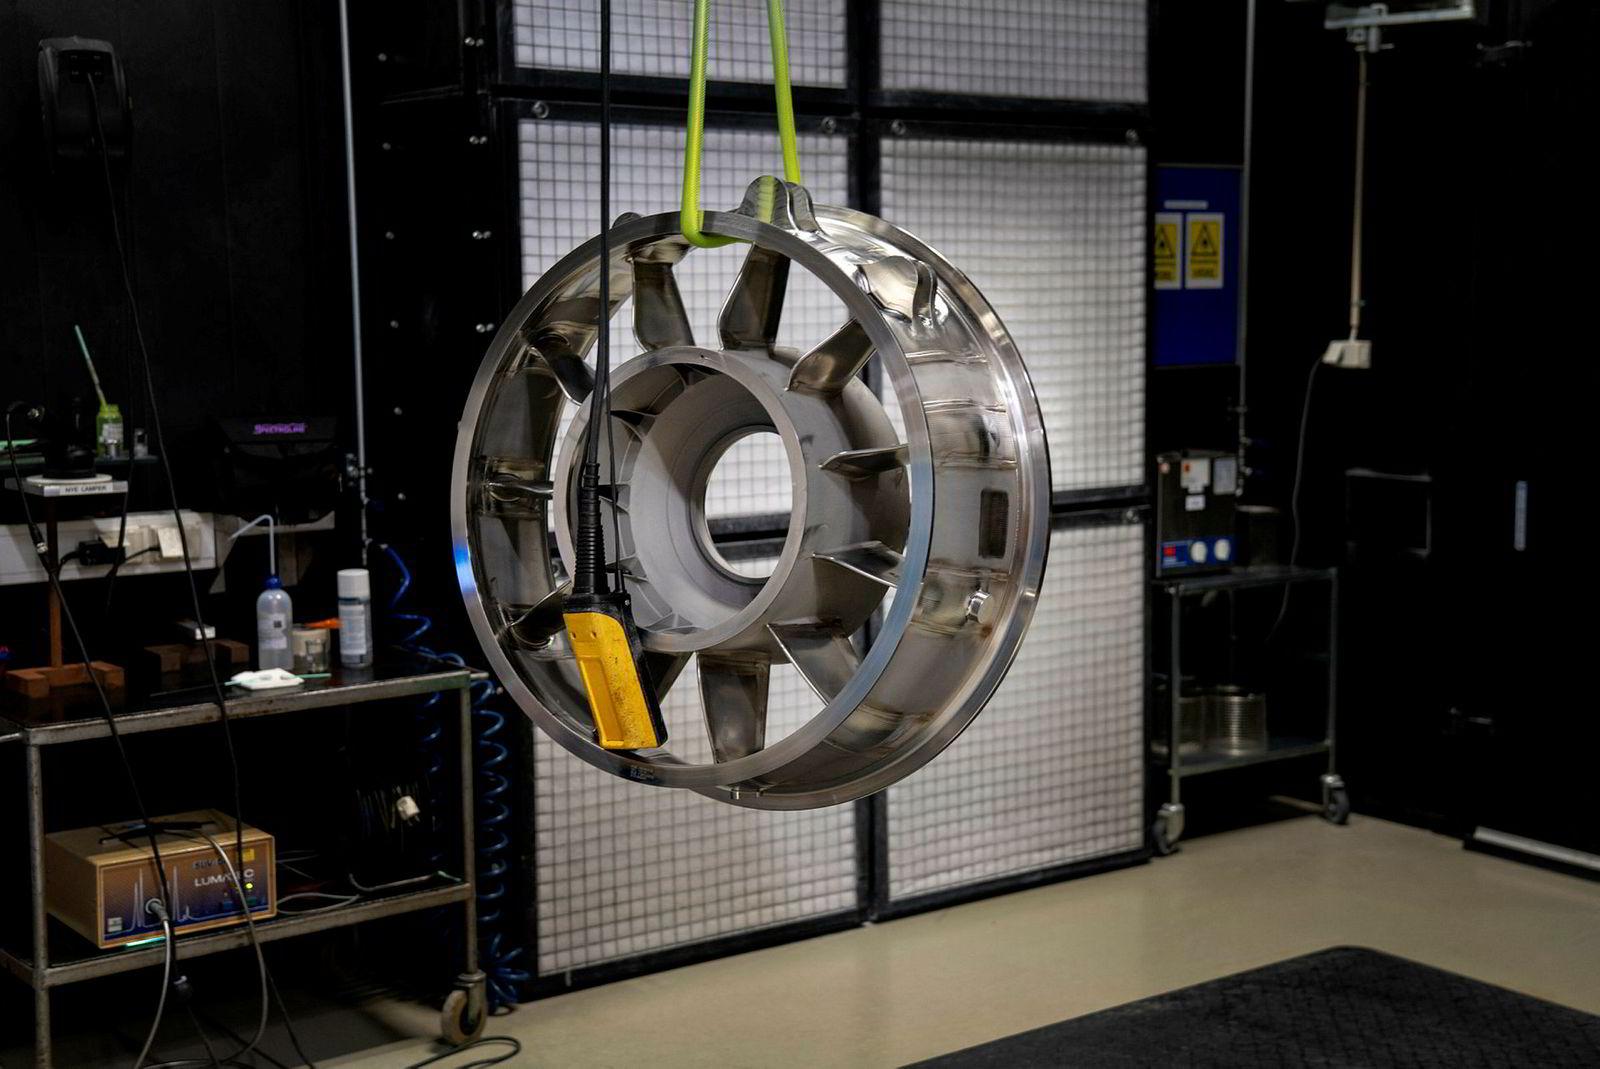 Ved GKN Aerospace produseres komplekse komponenter til flymotorer og gassturbiner for verdens største flymotorprodusenter.